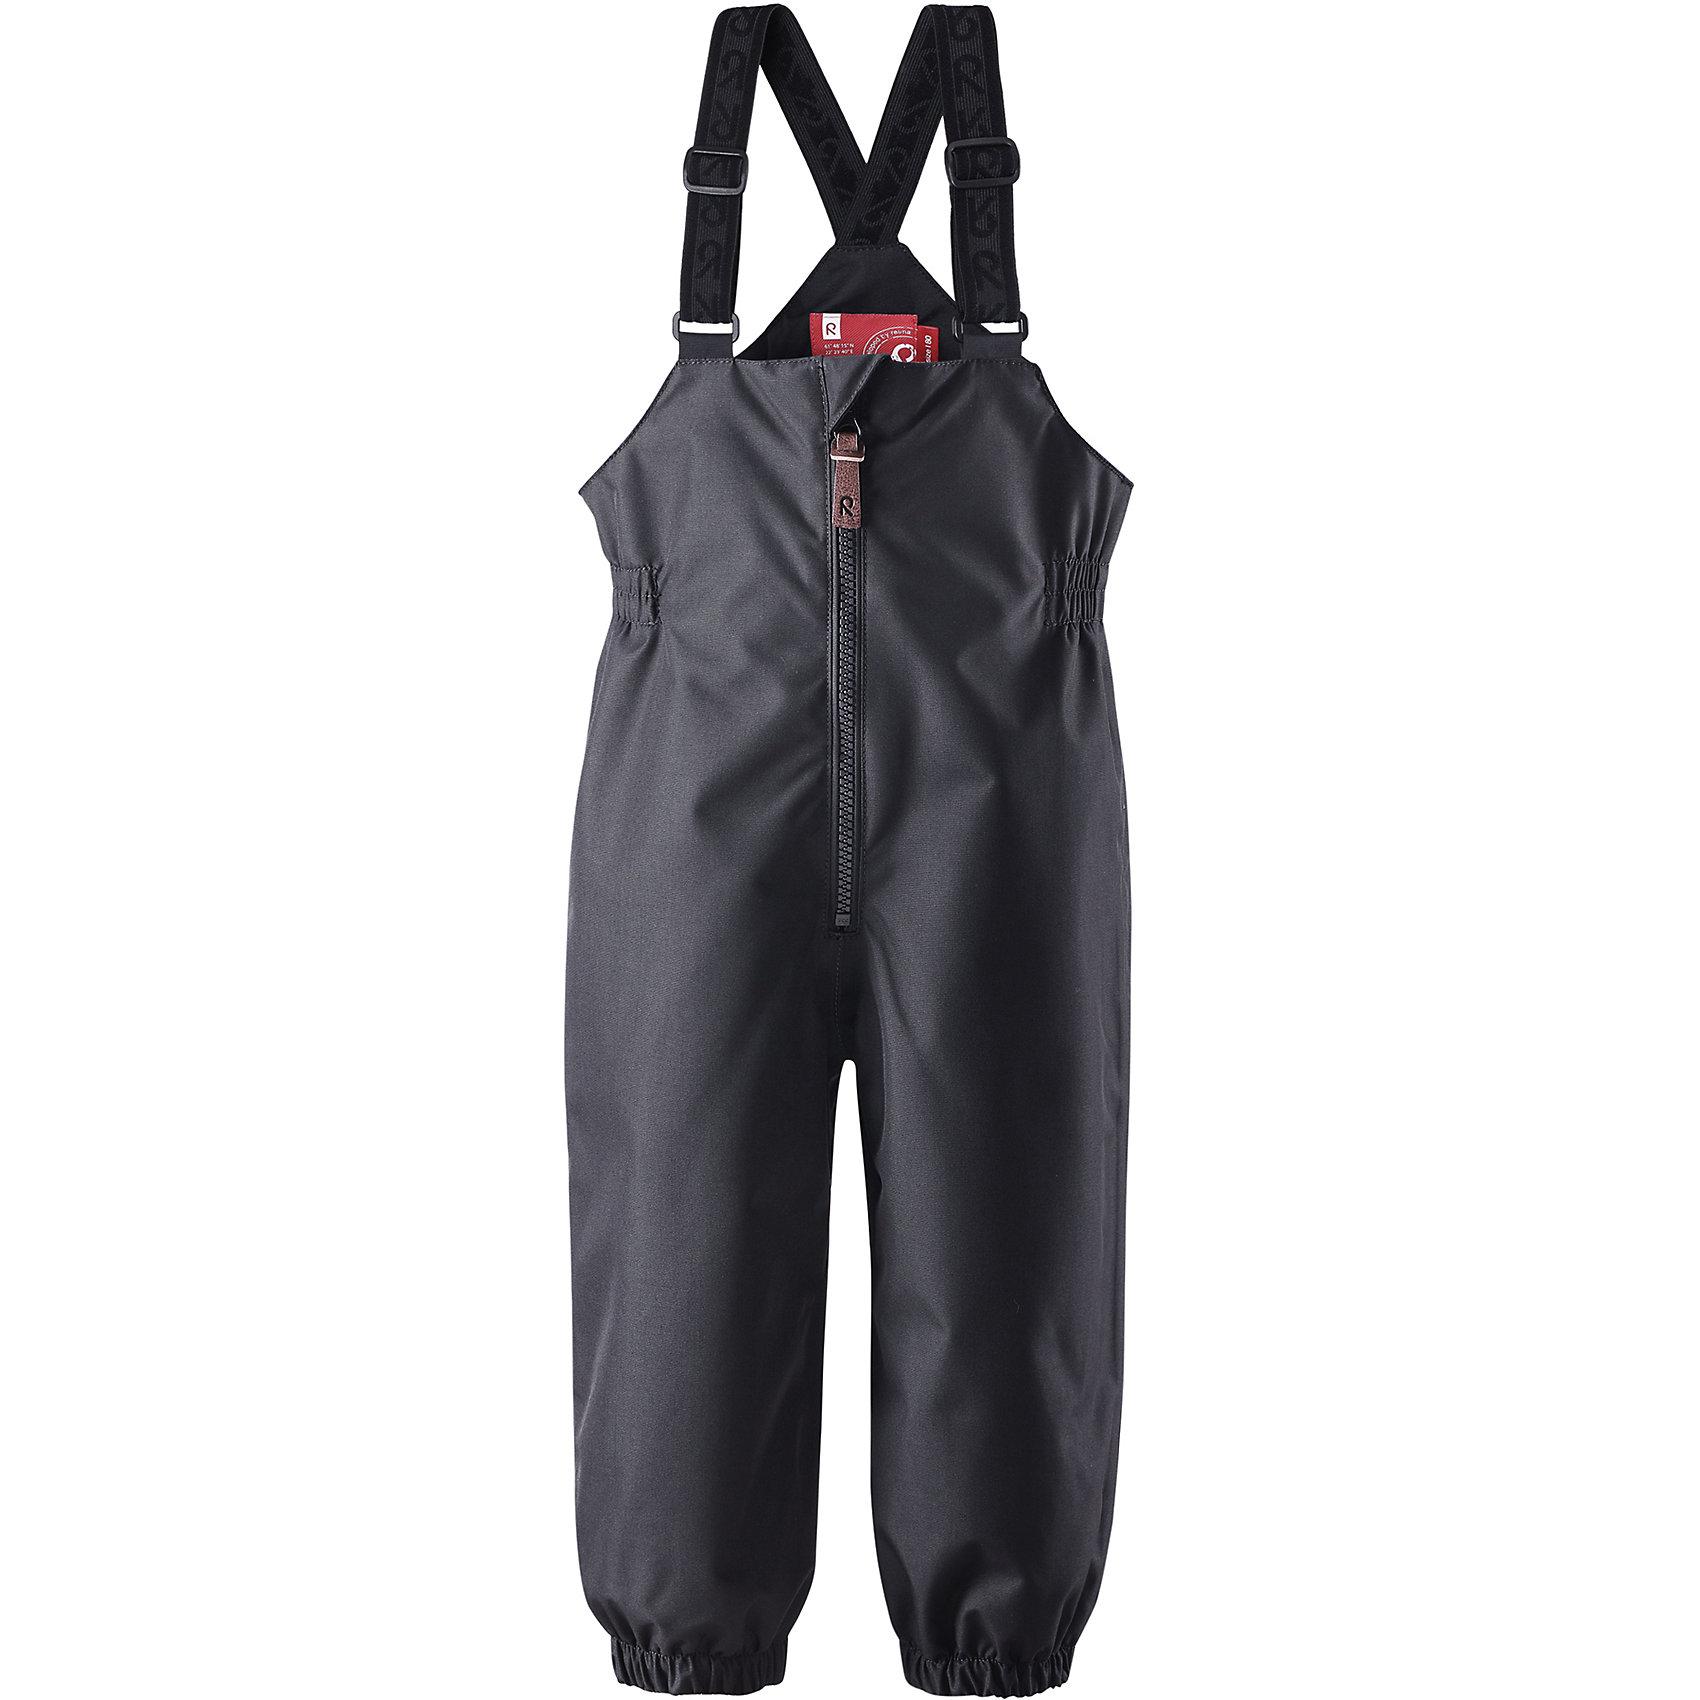 Брюки для мальчика ReimaЭти водонепроницаемые брюки для малышей для прогулок на воздухе весной и осенью гарантируют надежную защиту от ветра и дождя. Они хорошо комбинируются со всеми демисезонными куртками для младенцев Reima®. Удобные, эластичные подтяжки регулируются, предоставляя пространство на вырост. Эластичные штрипки удобно фиксируют низ брючин при ходьбе, защищая щиколотки во время игр на воздухе.<br><br>Дополнительная информация:<br><br>Брюки демисезонные для малышей<br>Водонепроницаемость: 10000 мм<br>Основные швы проклеены и не пропускают влагу<br>Водоотталкивающий, ветронепроницаемый, «дышащий» и грязеотталкивающий материал<br>Гладкая подкладка из полиэстра<br>Съемные эластичные штрипки<br>Регулируемые эластичные подтяжки<br>Безопасные светоотражающие детали<br>Состав:<br>100% ПЭ, ПУ-покрытие<br>Уход:<br>Стирать по отдельности, вывернув наизнанку. Застегнуть молнии и липучки. Стирать моющим средством, не содержащим отбеливающие вещества. Полоскать без специального средства. Во избежание изменения цвета изделие необходимо вынуть из стиральной машинки незамедлительно после окончания программы стирки. Сушить при низкой температуре.<br><br>Ширина мм: 215<br>Глубина мм: 88<br>Высота мм: 191<br>Вес г: 336<br>Цвет: черный<br>Возраст от месяцев: 9<br>Возраст до месяцев: 12<br>Пол: Мужской<br>Возраст: Детский<br>Размер: 80,92,98,86<br>SKU: 4498527